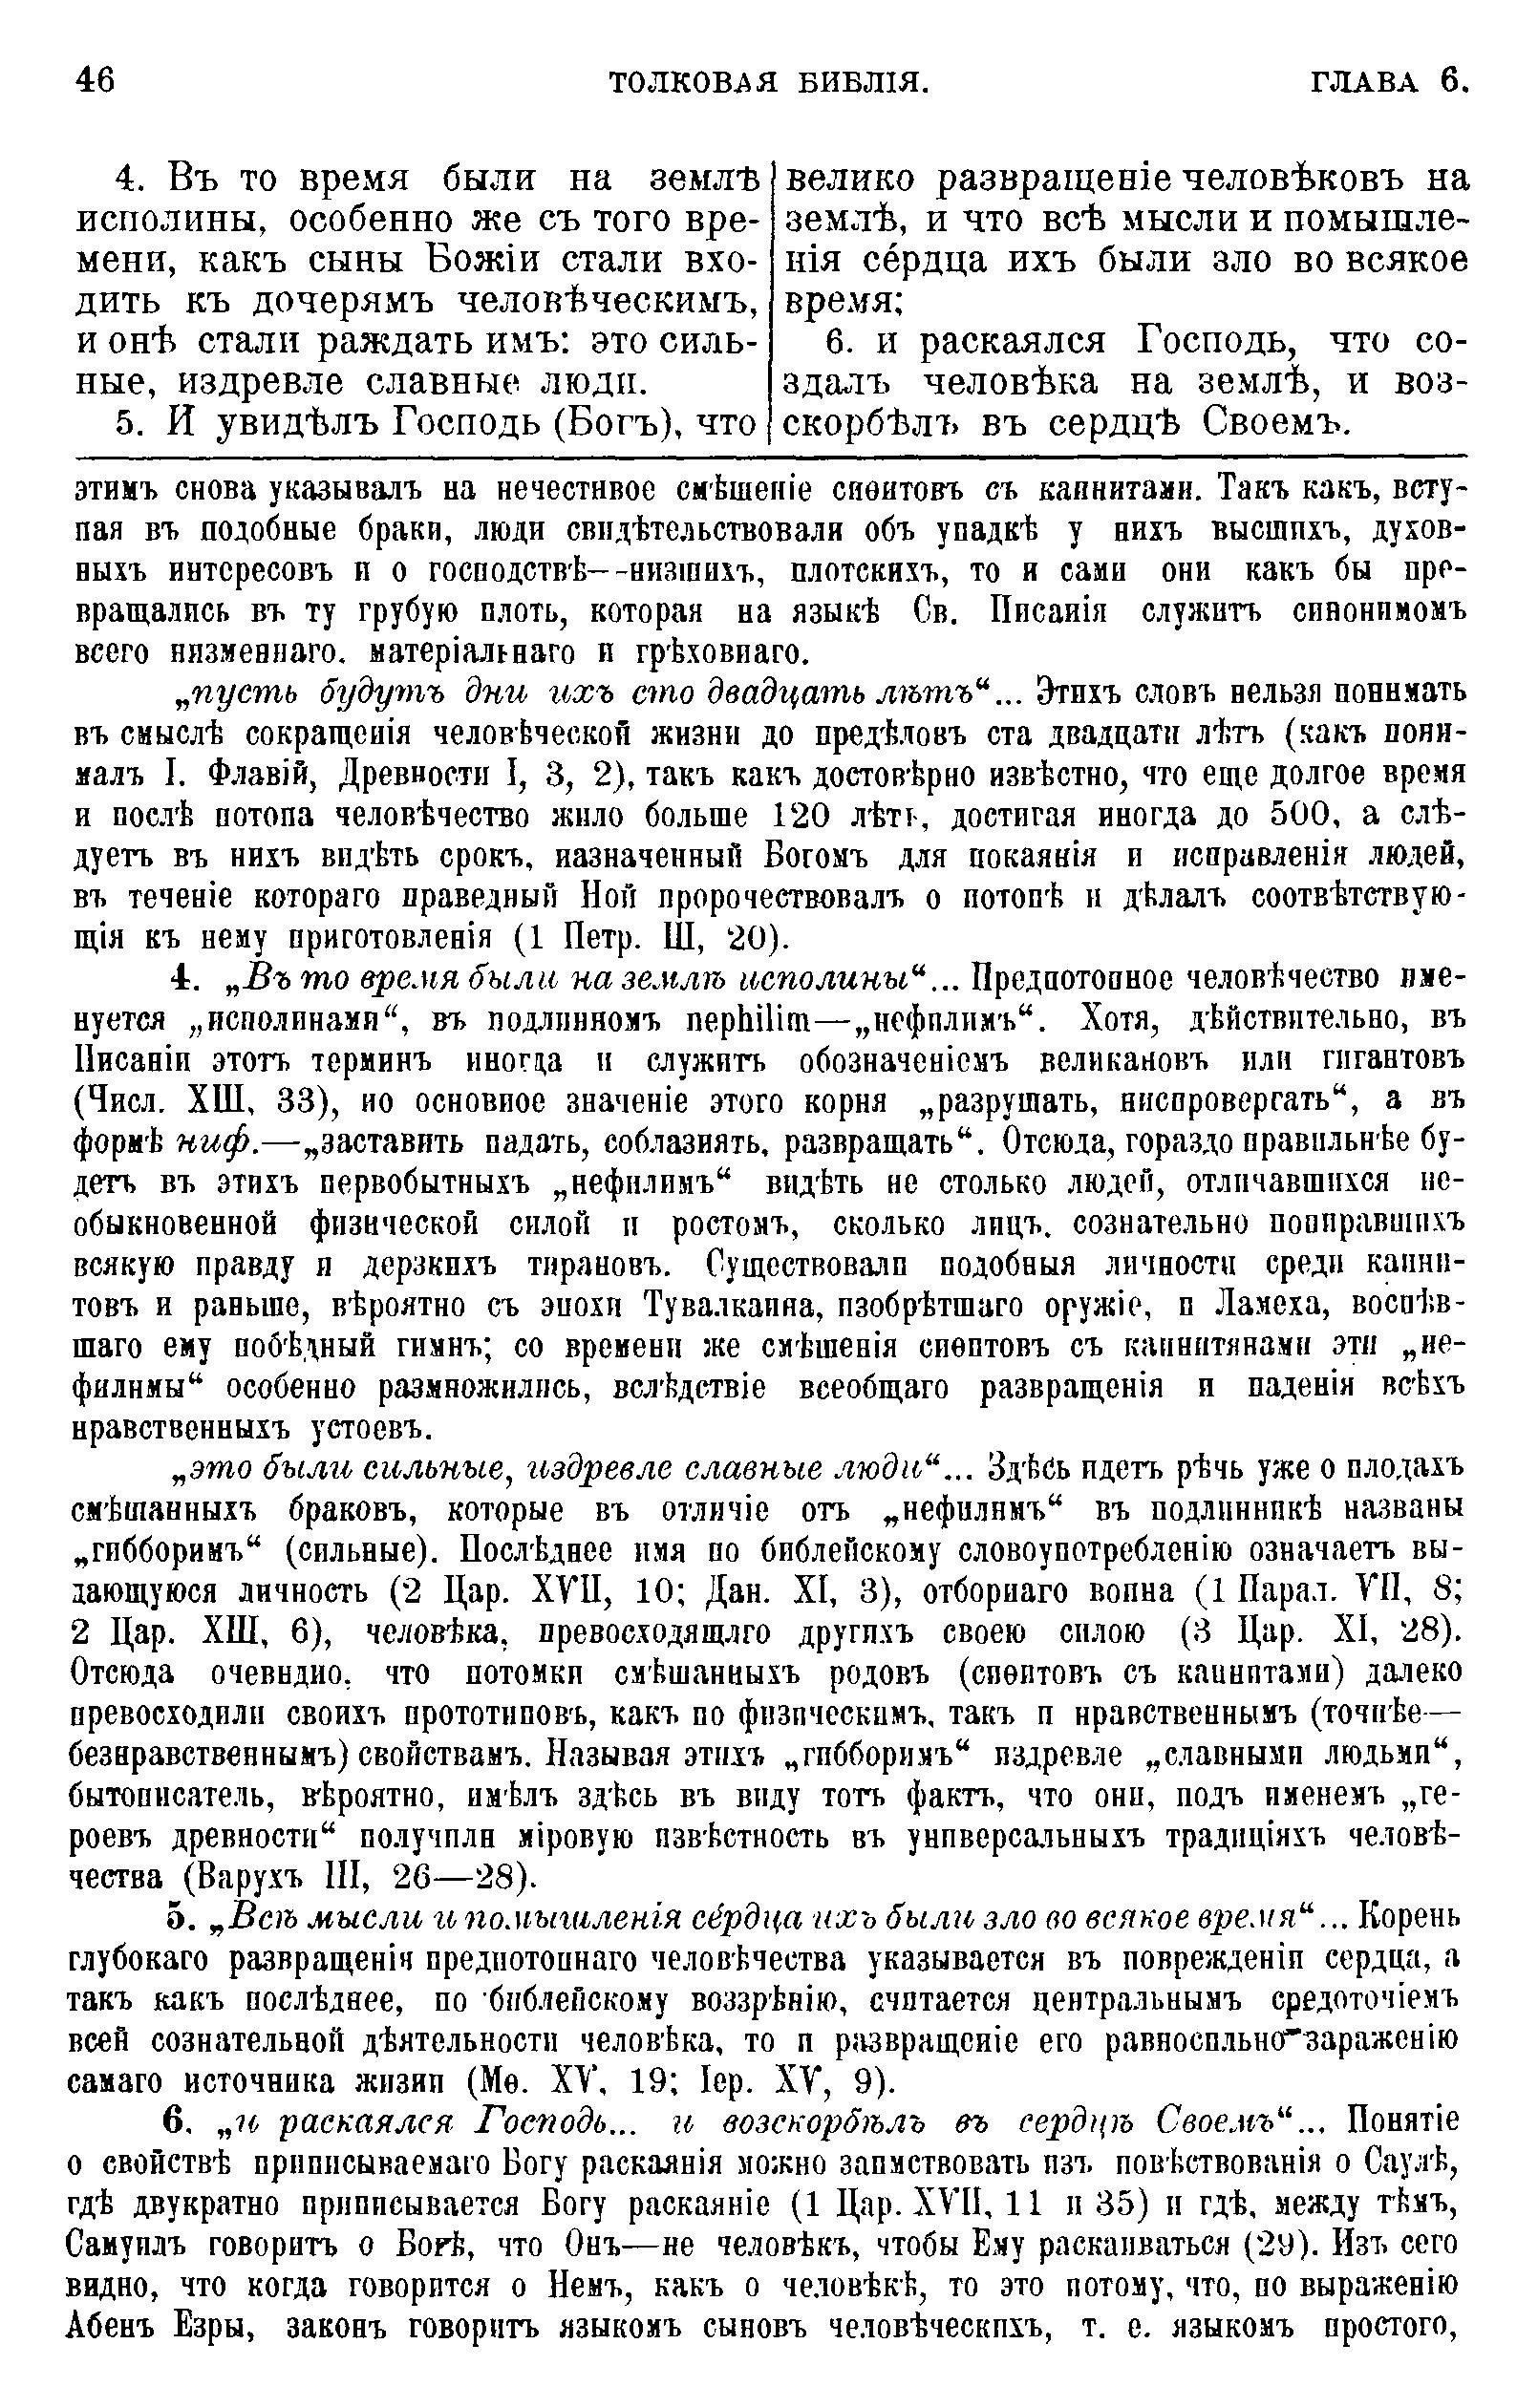 page63-1588px-%D0%A2%D0%BE%D0%BB%D0%BA%D